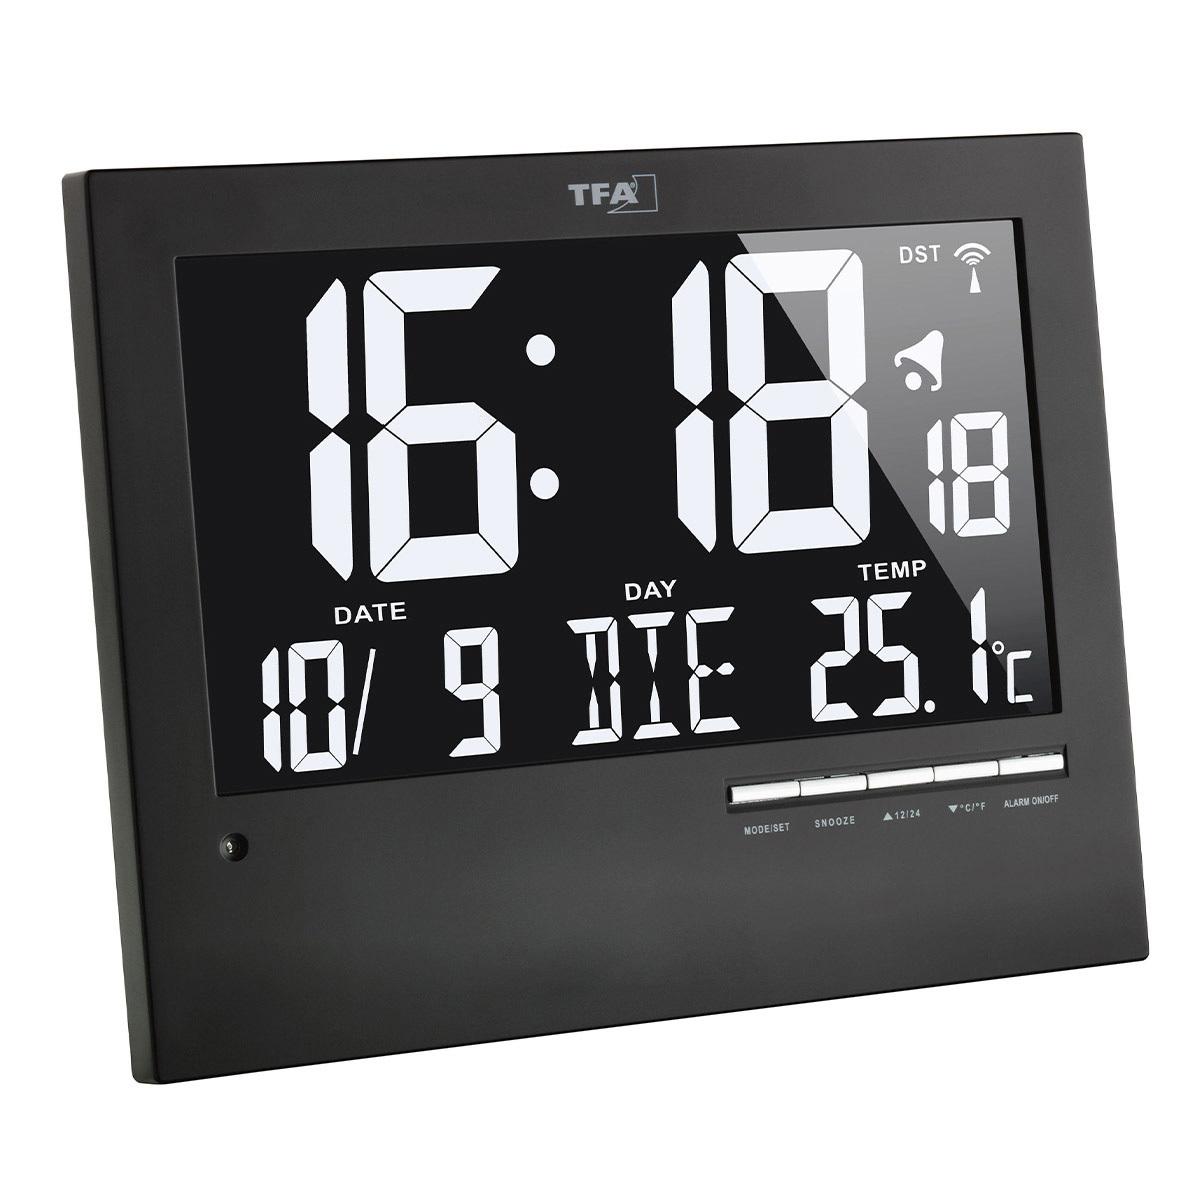 60-4508-digitale-funkuhr-mit-automatischer-hintergrundbeleuchtung-ansicht1-1200x1200px.jpg